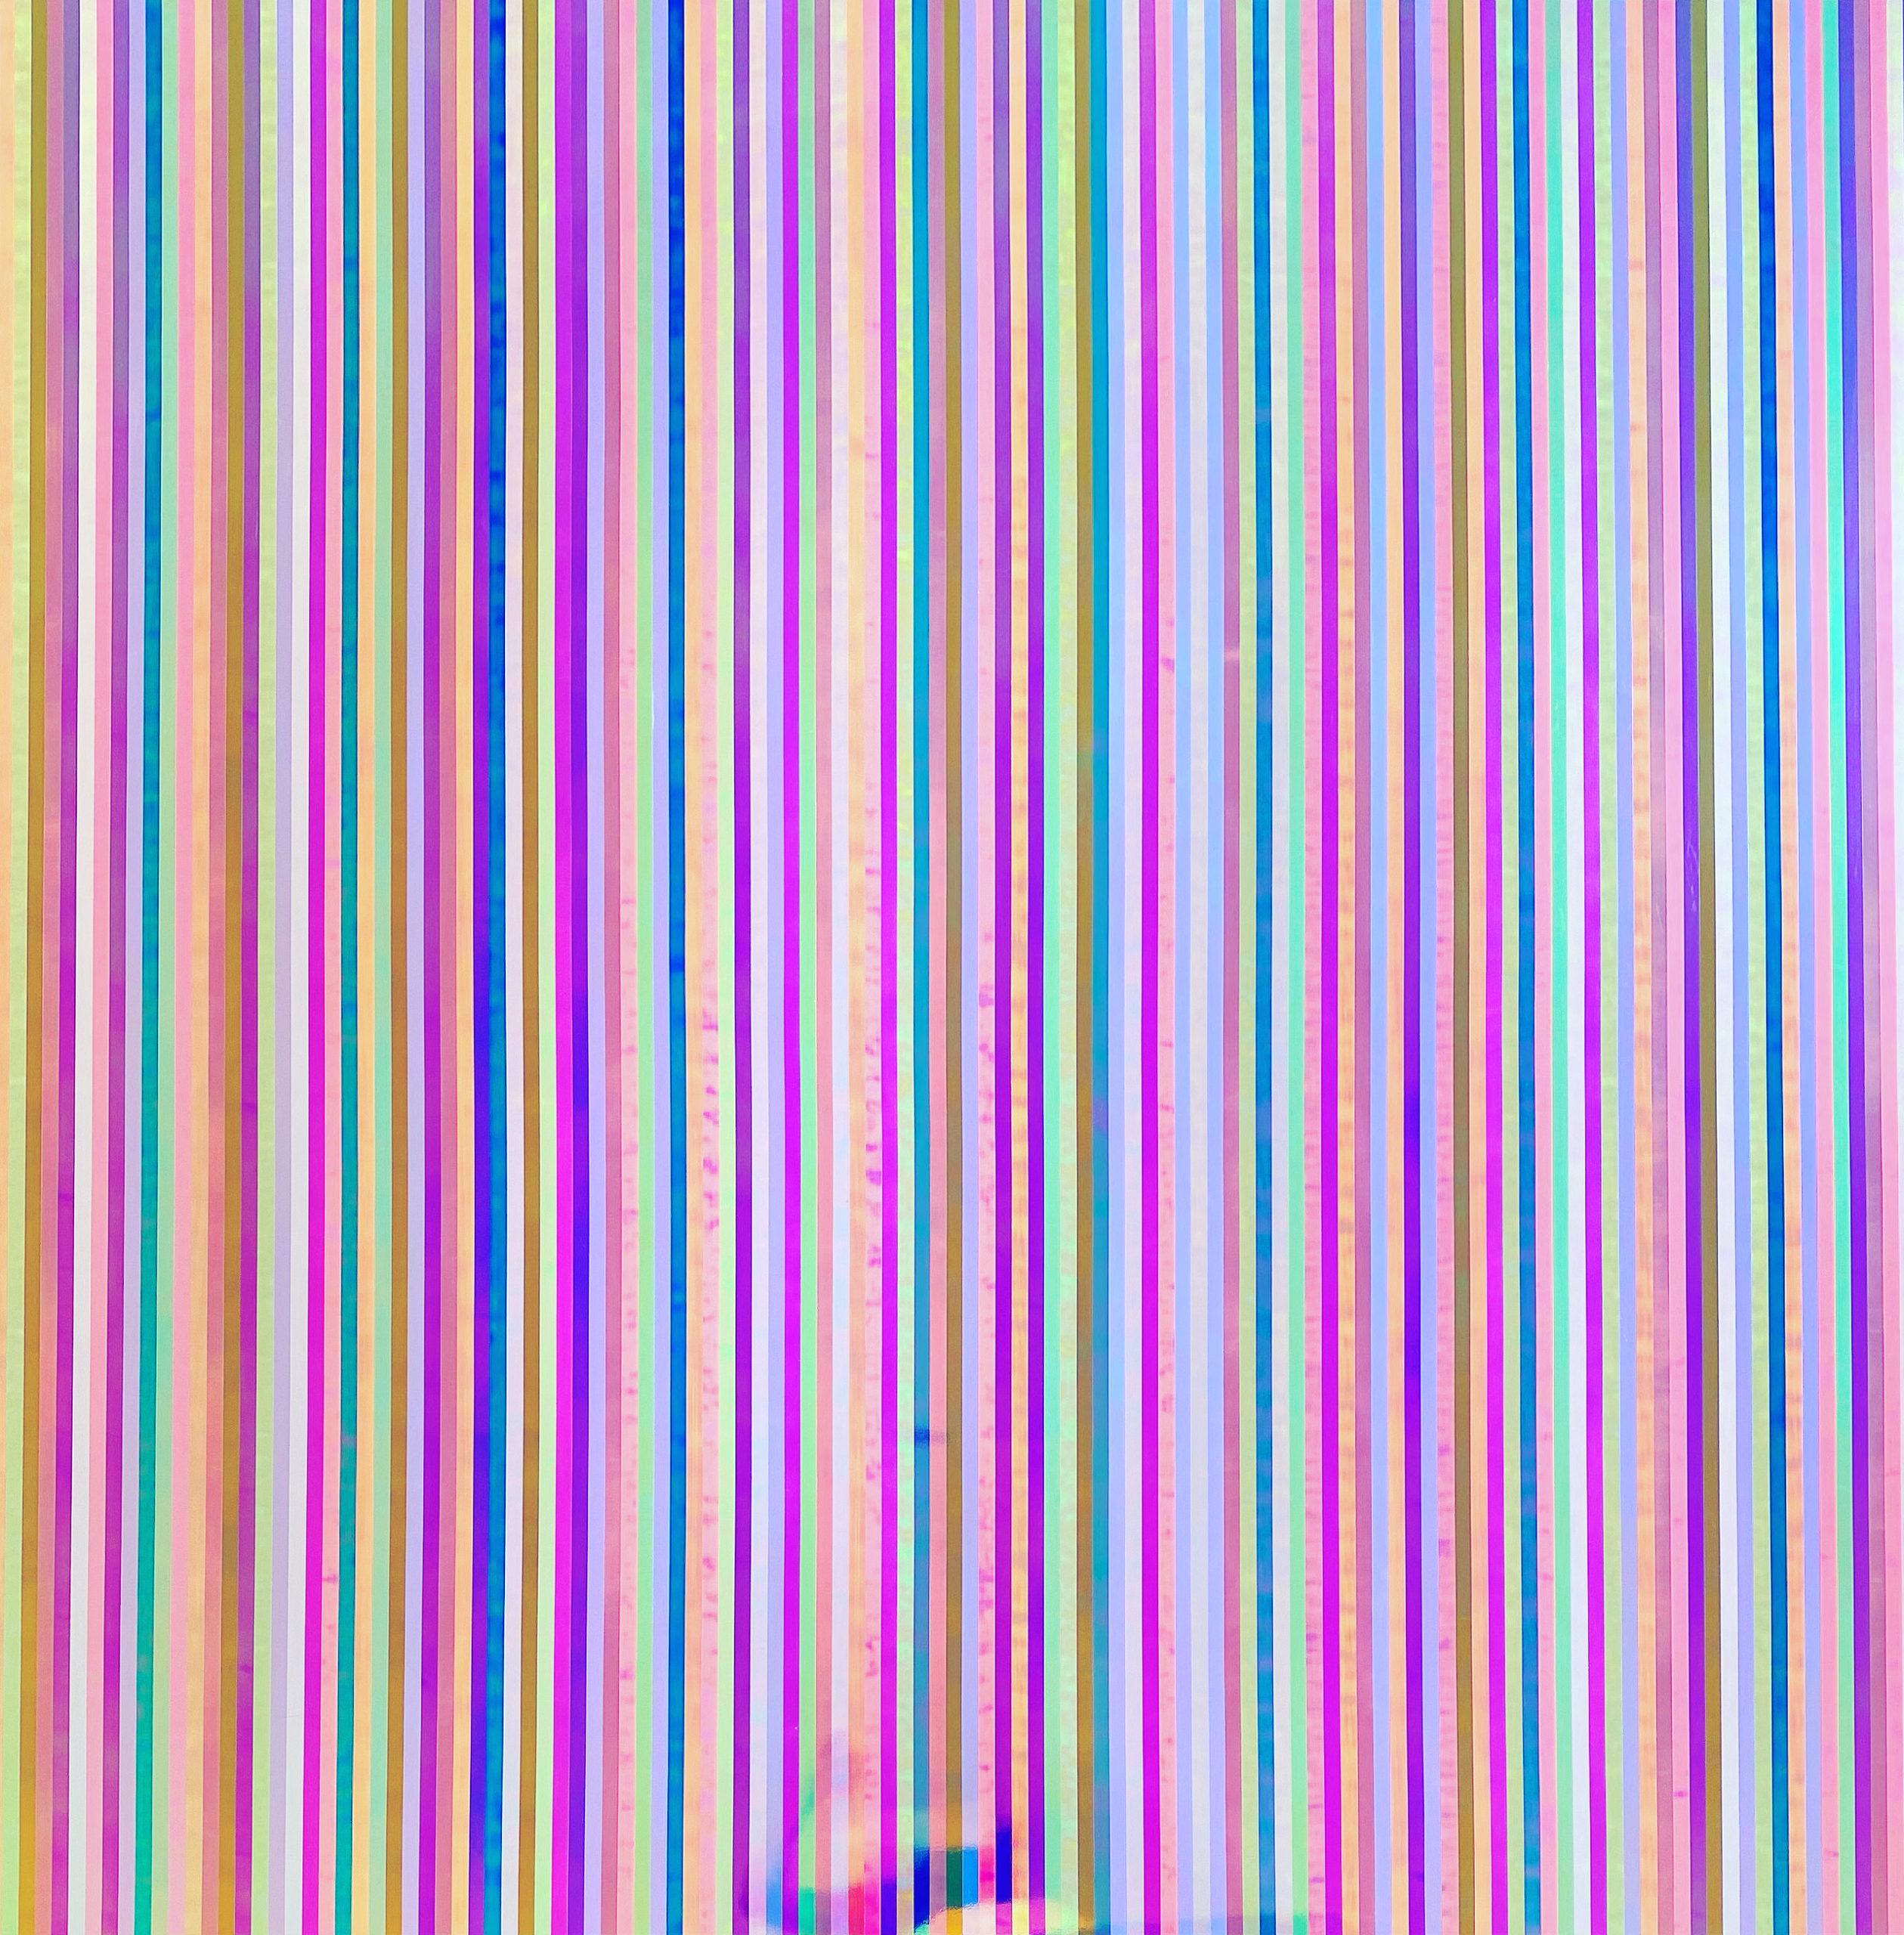 IRIDESCENT 01 MDF 180 x 180 x 0,5 cm